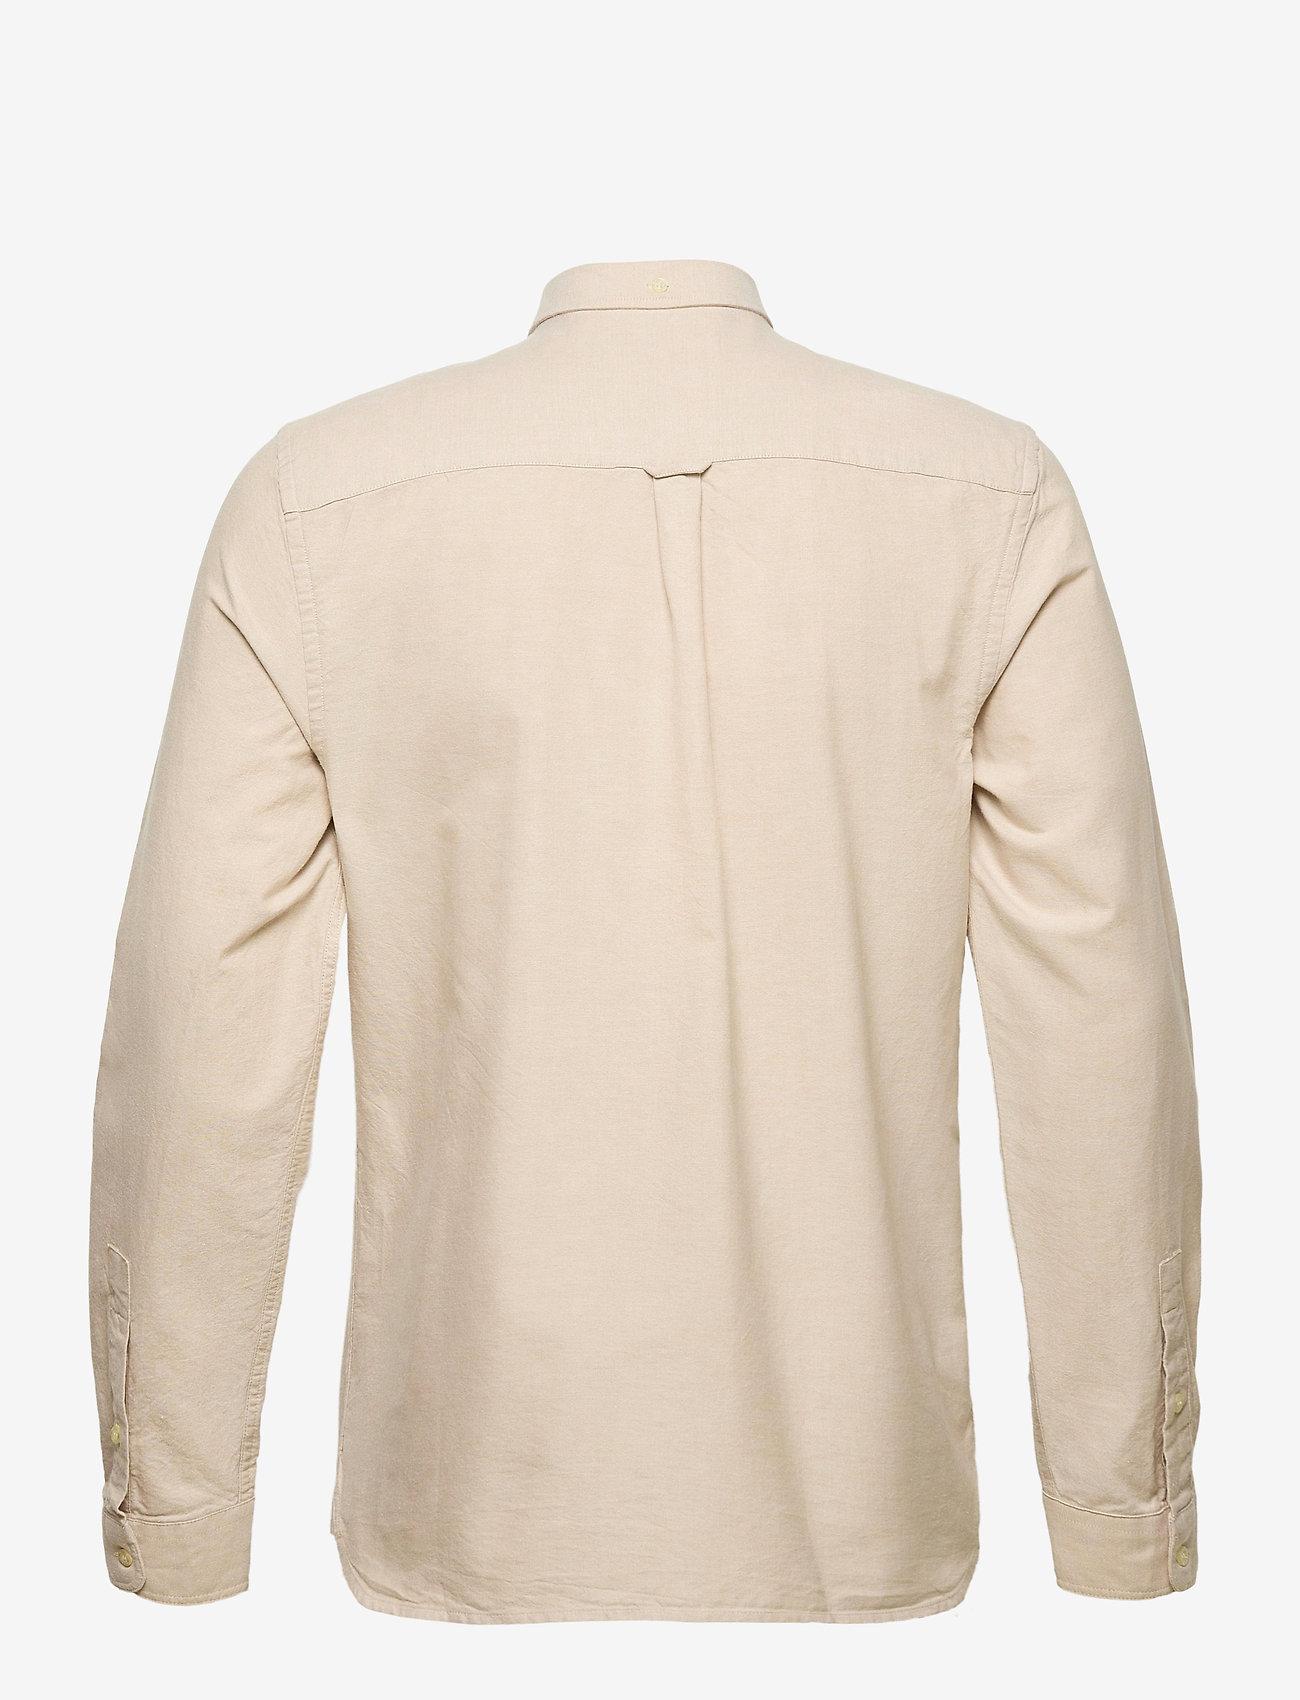 Lyle & Scott Regular Fit Light Weight Oxford Shirt - Skjorter SAND STORM/ WHITE - Menn Klær